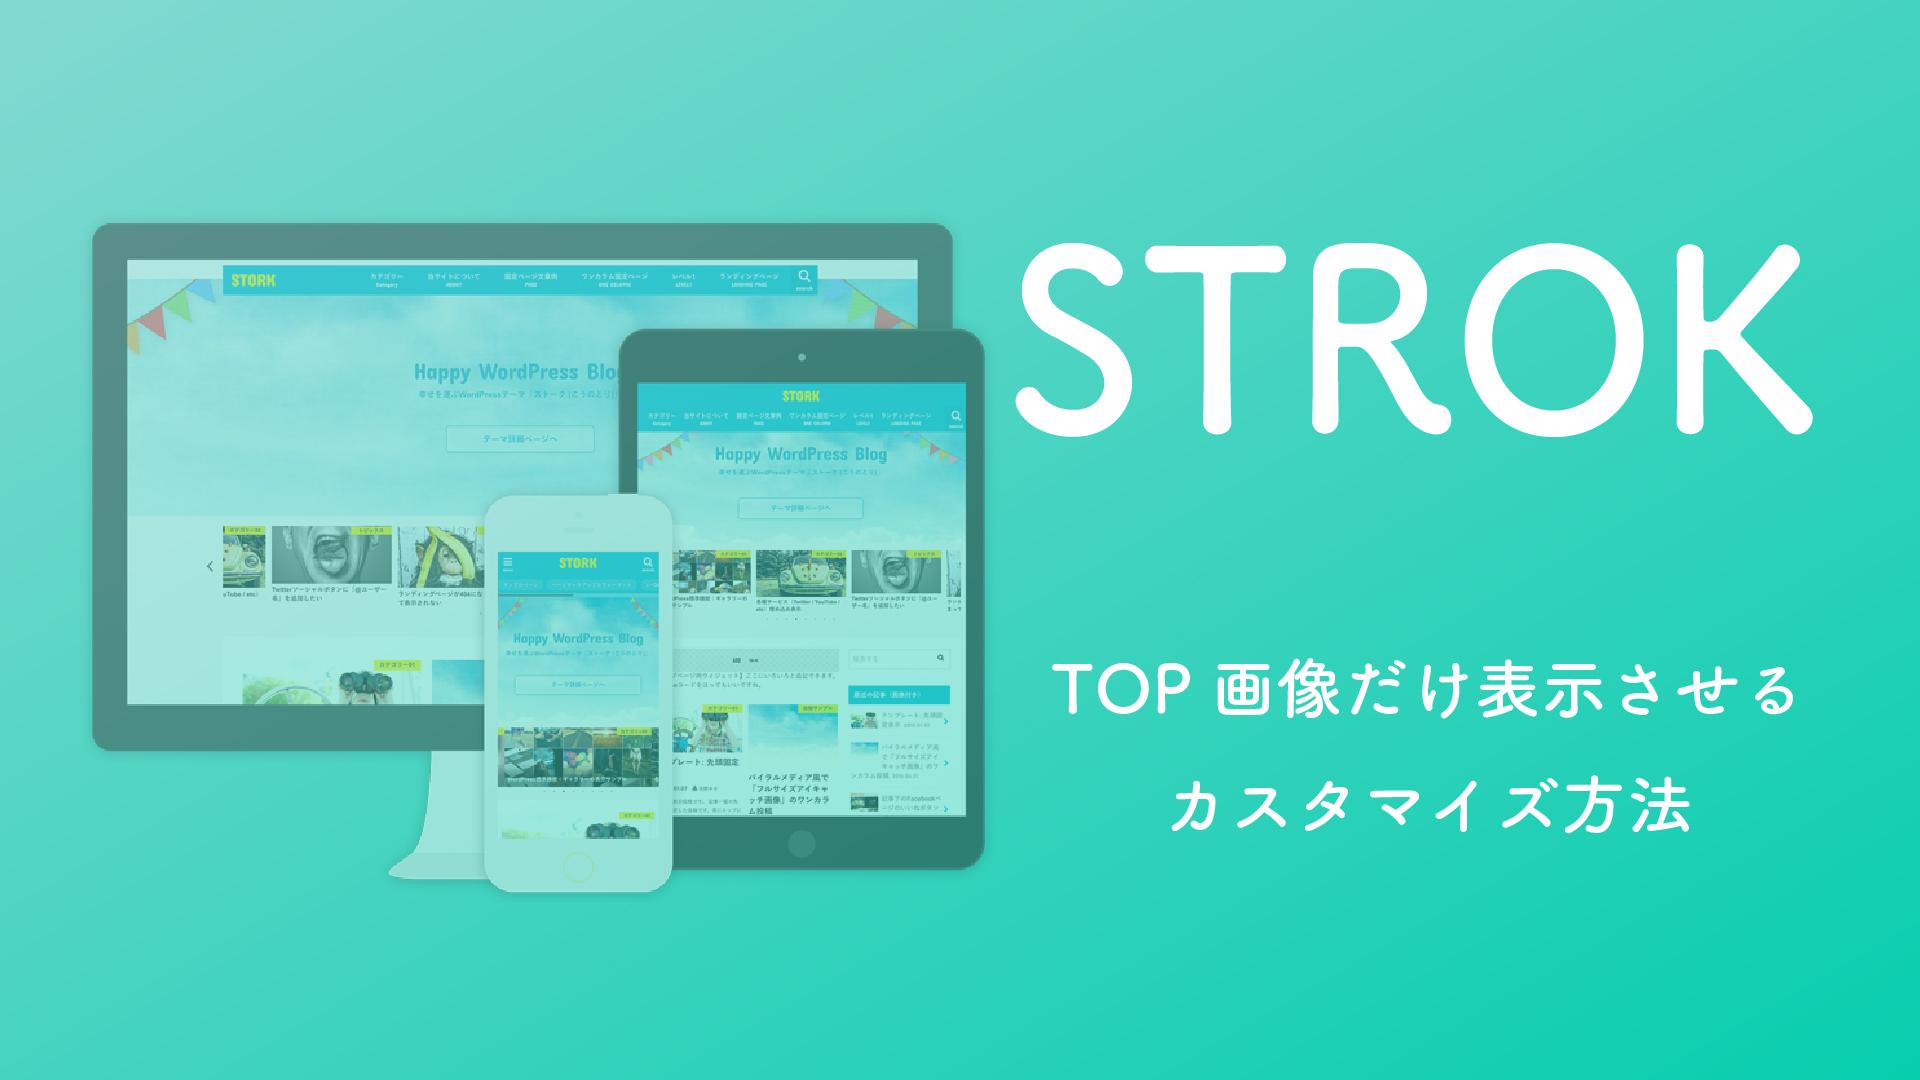 ストークのトップ画像だけを表示させる設定方法